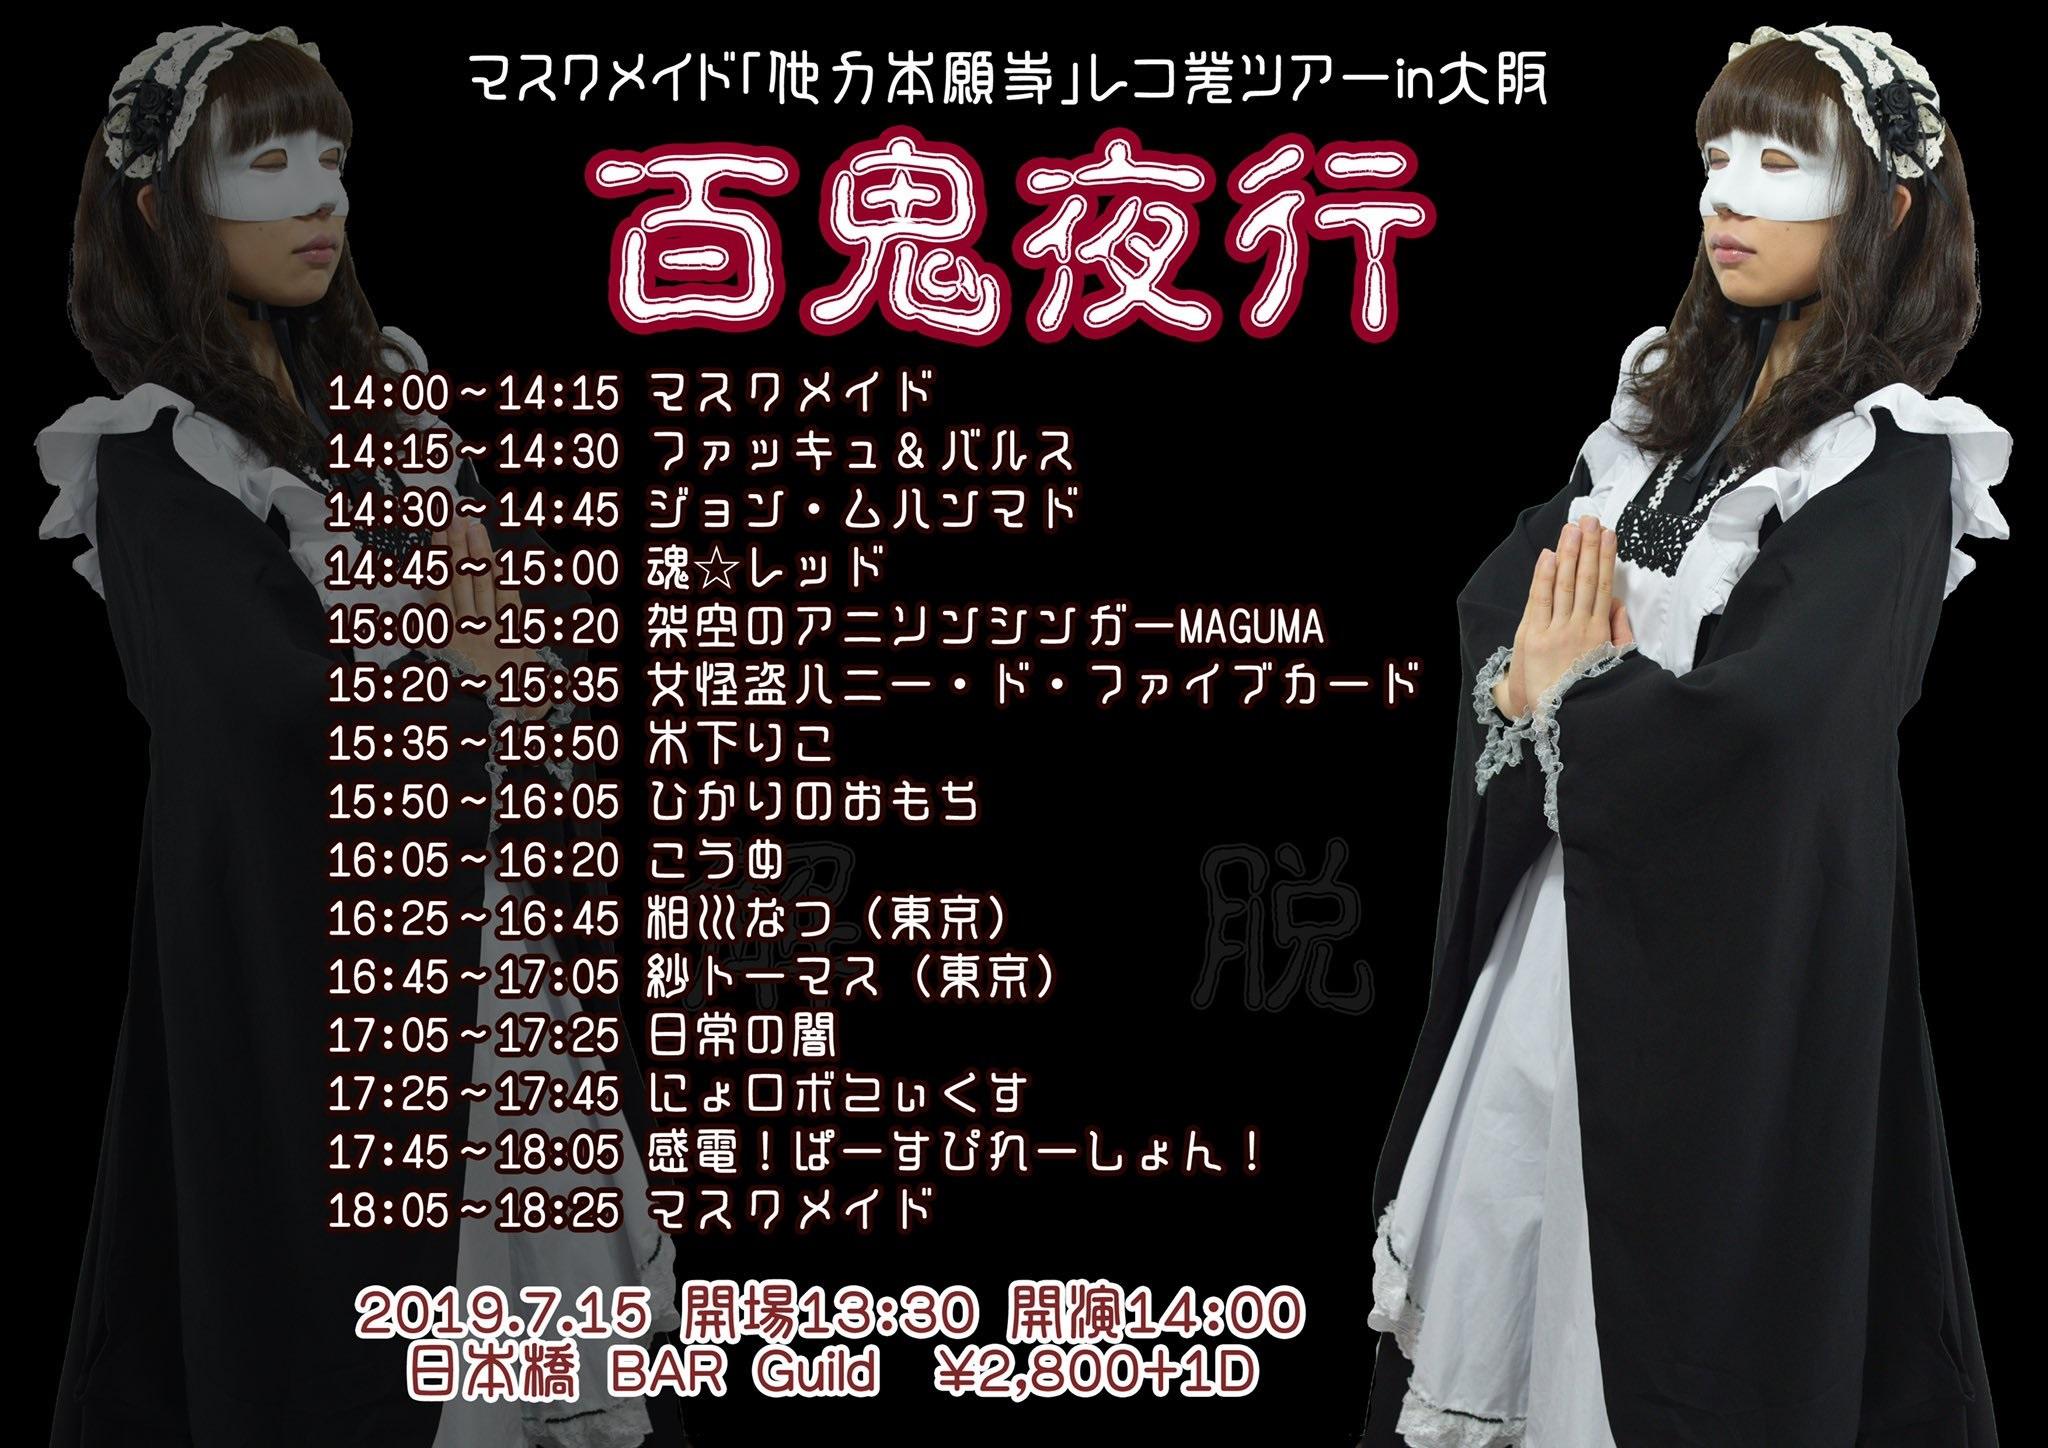 マスクメイドレコ発ツアーin大阪「百鬼夜行」